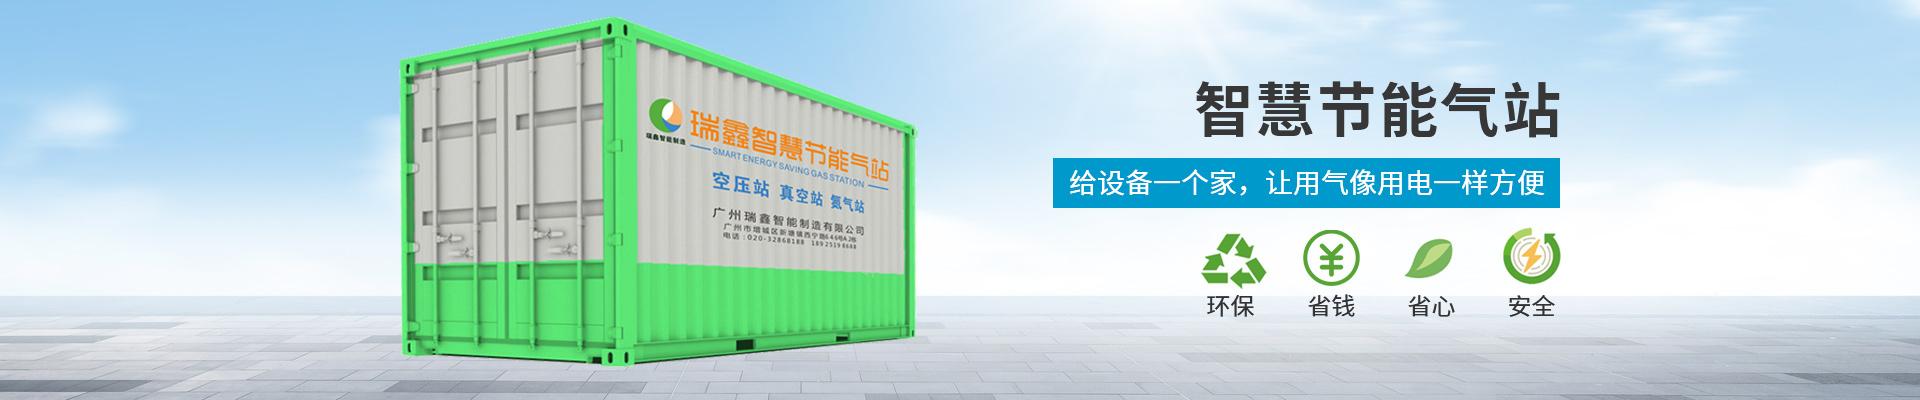 鑫钻:智慧节能气站,给设备一个家,让用气像用电一样方便